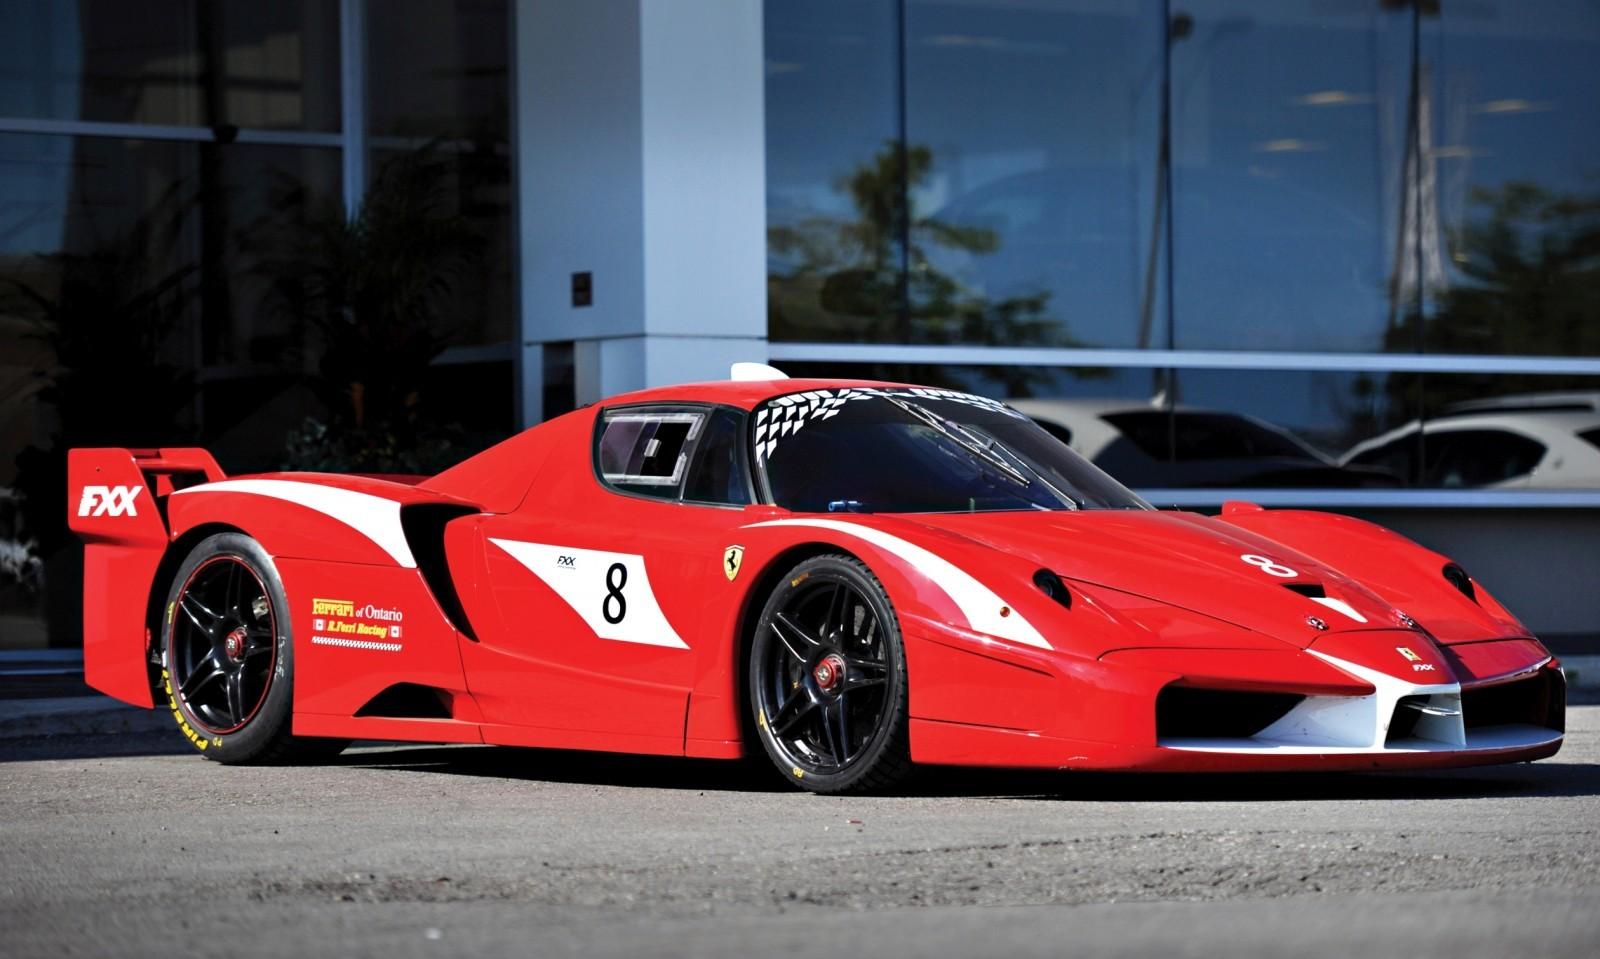 RM Monterey Preview - 2006 Ferrari FXX Evoluzione 1